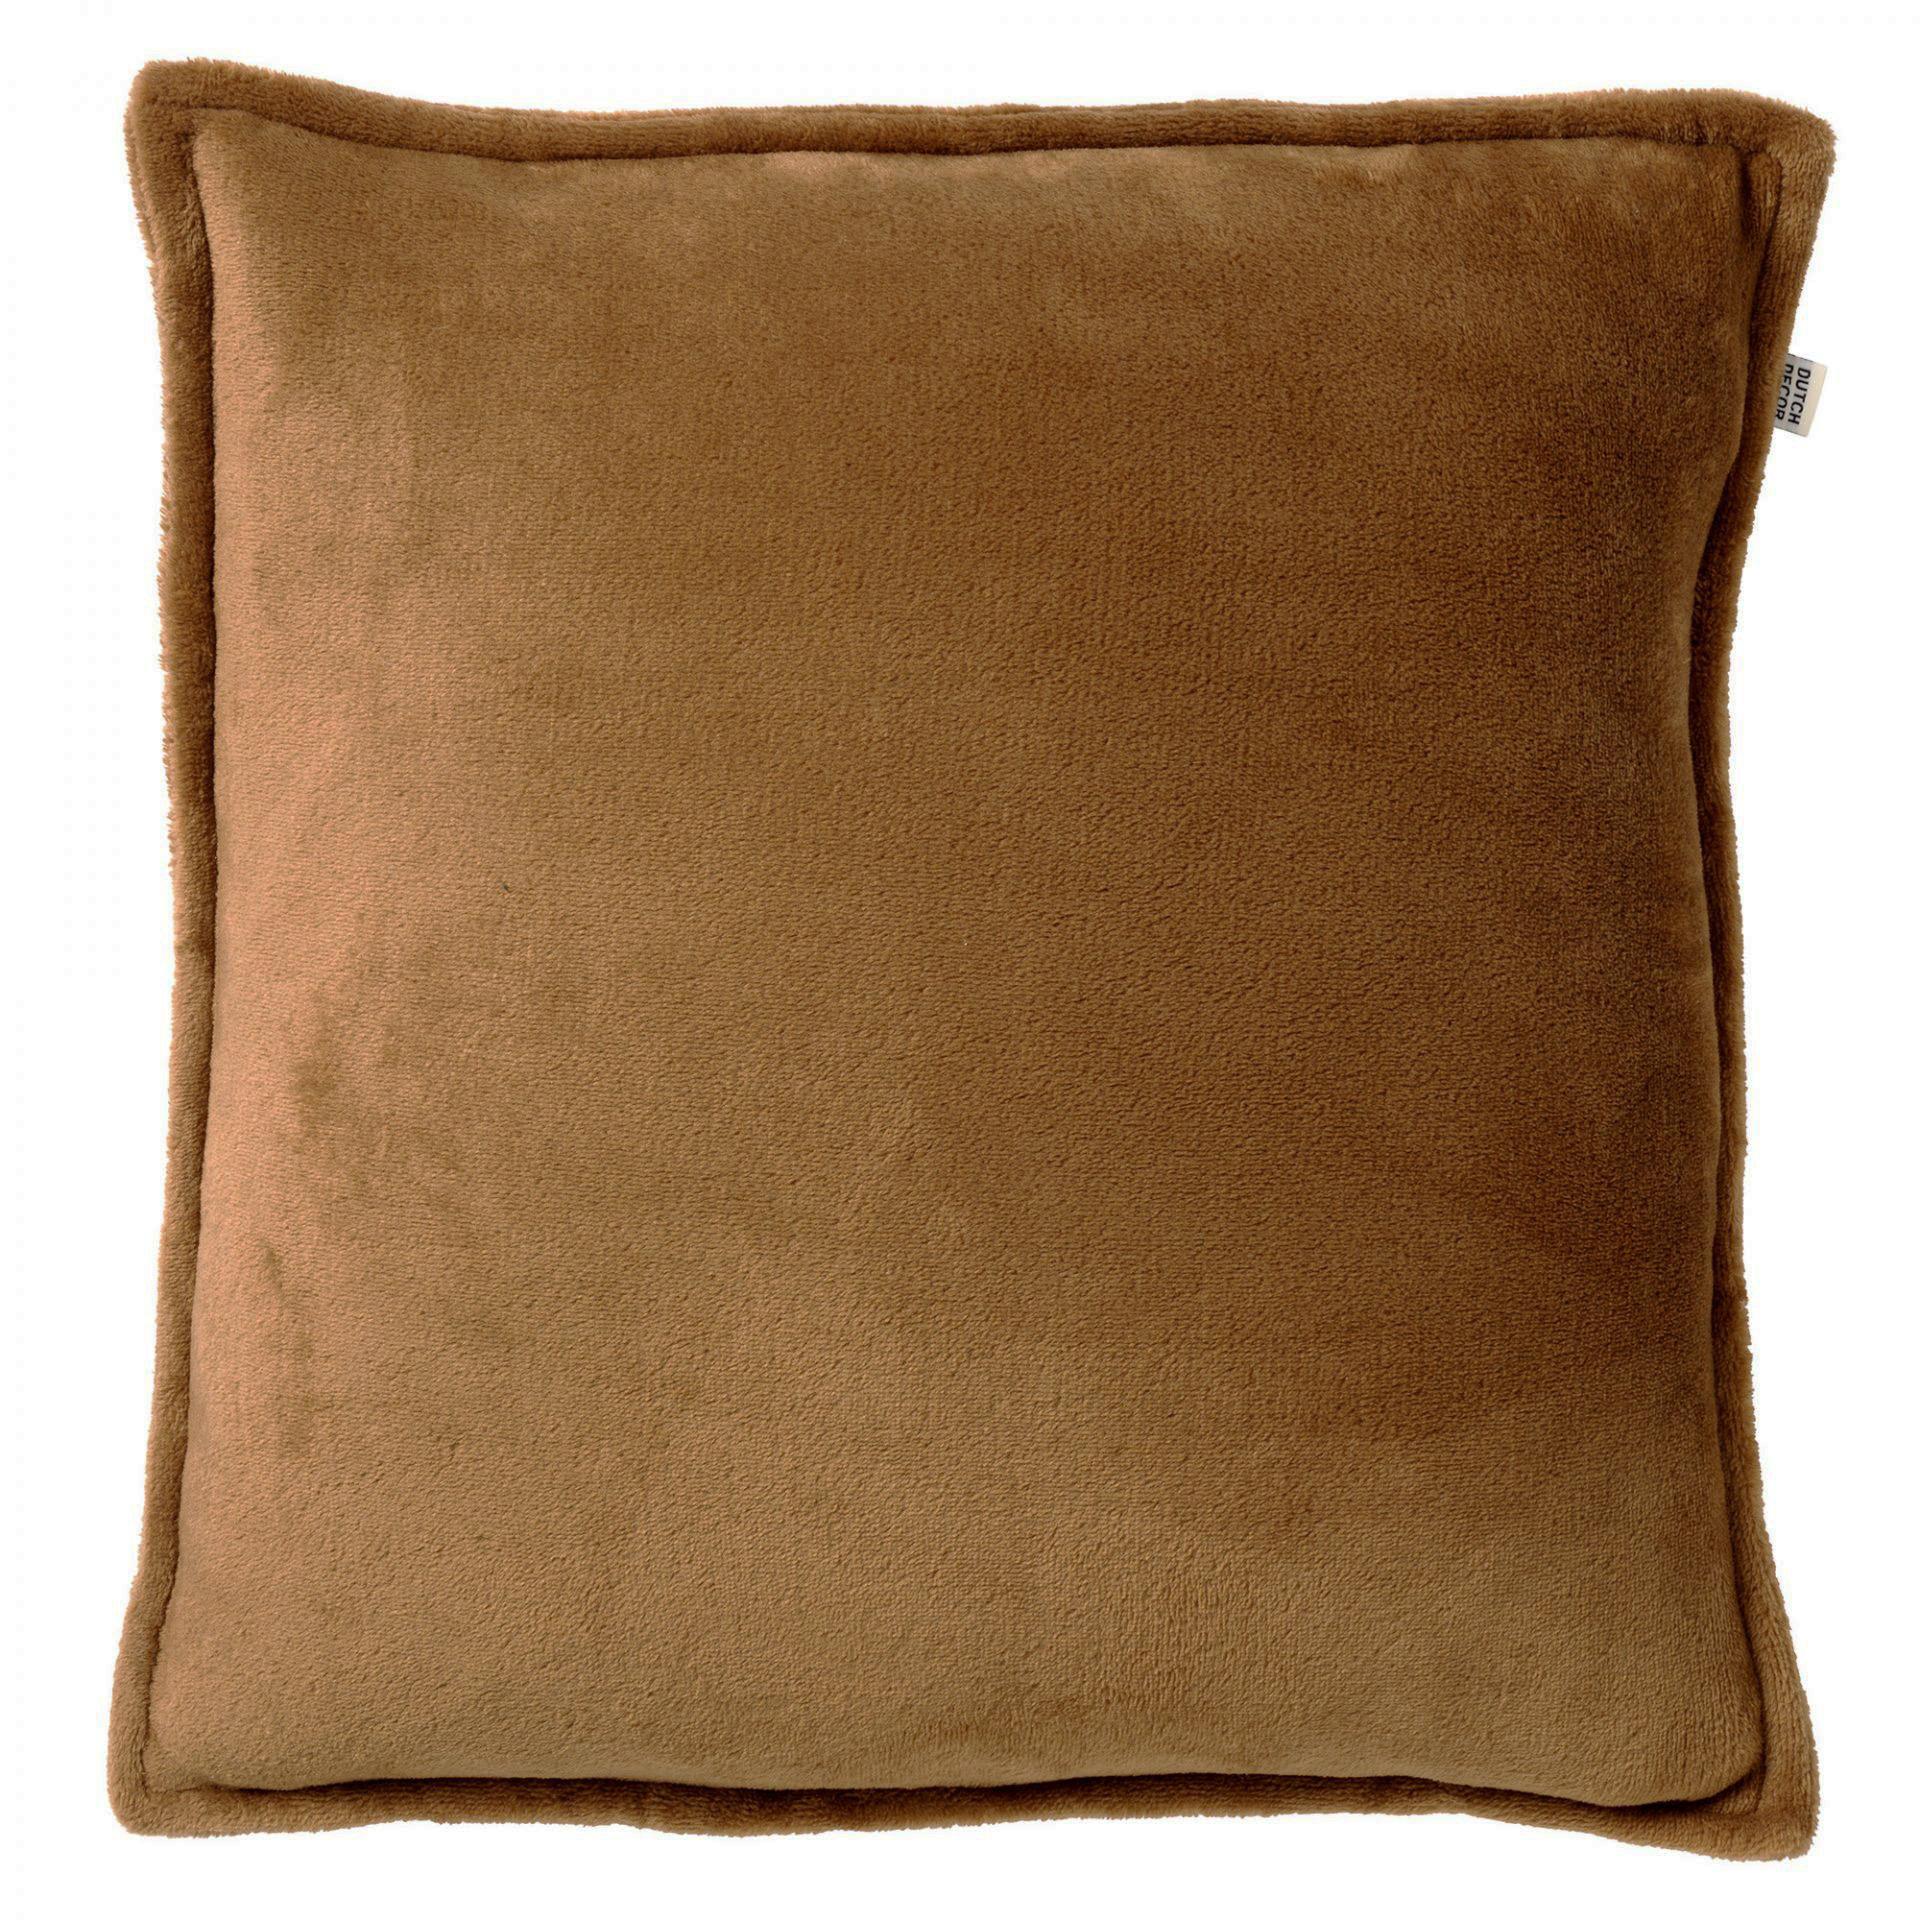 CILLY - Kussenhoes van fleece Tobacco Brown 45x45 cm